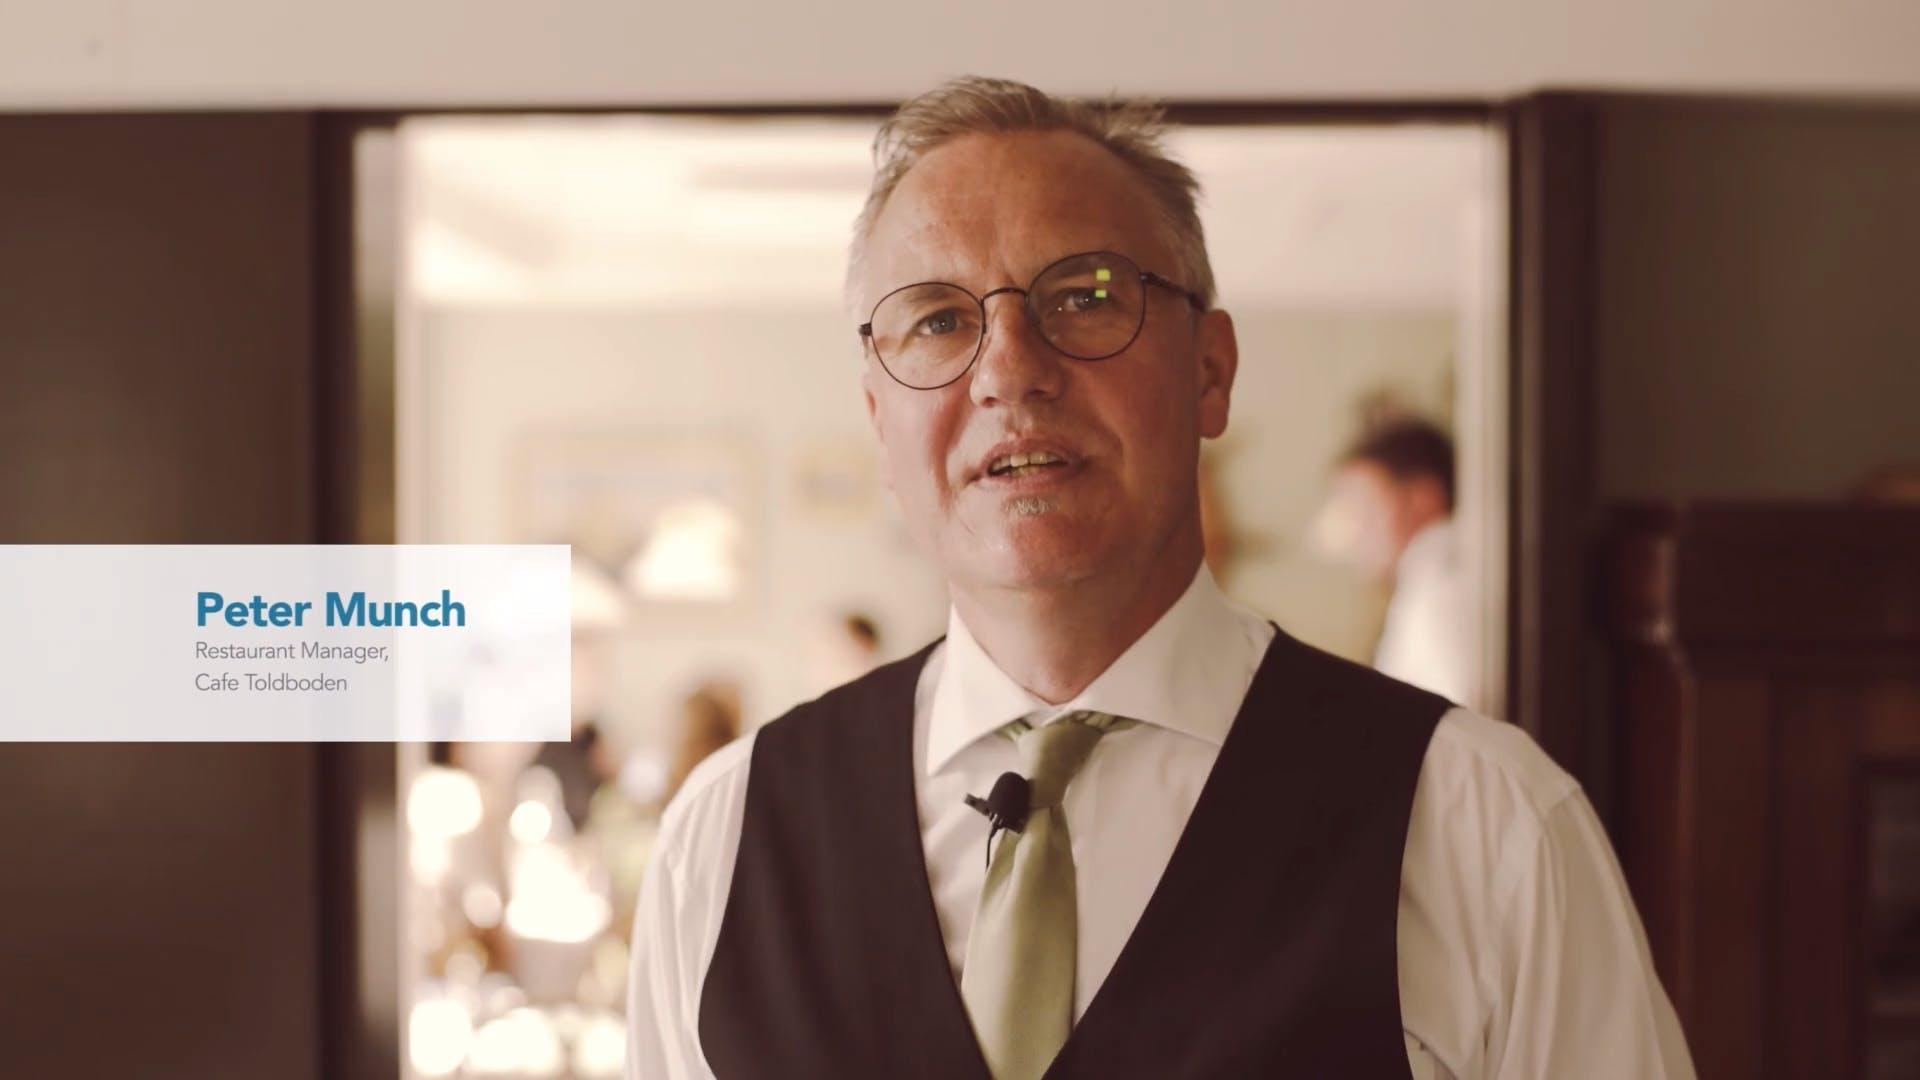 Peter Munch, Café Toldboden